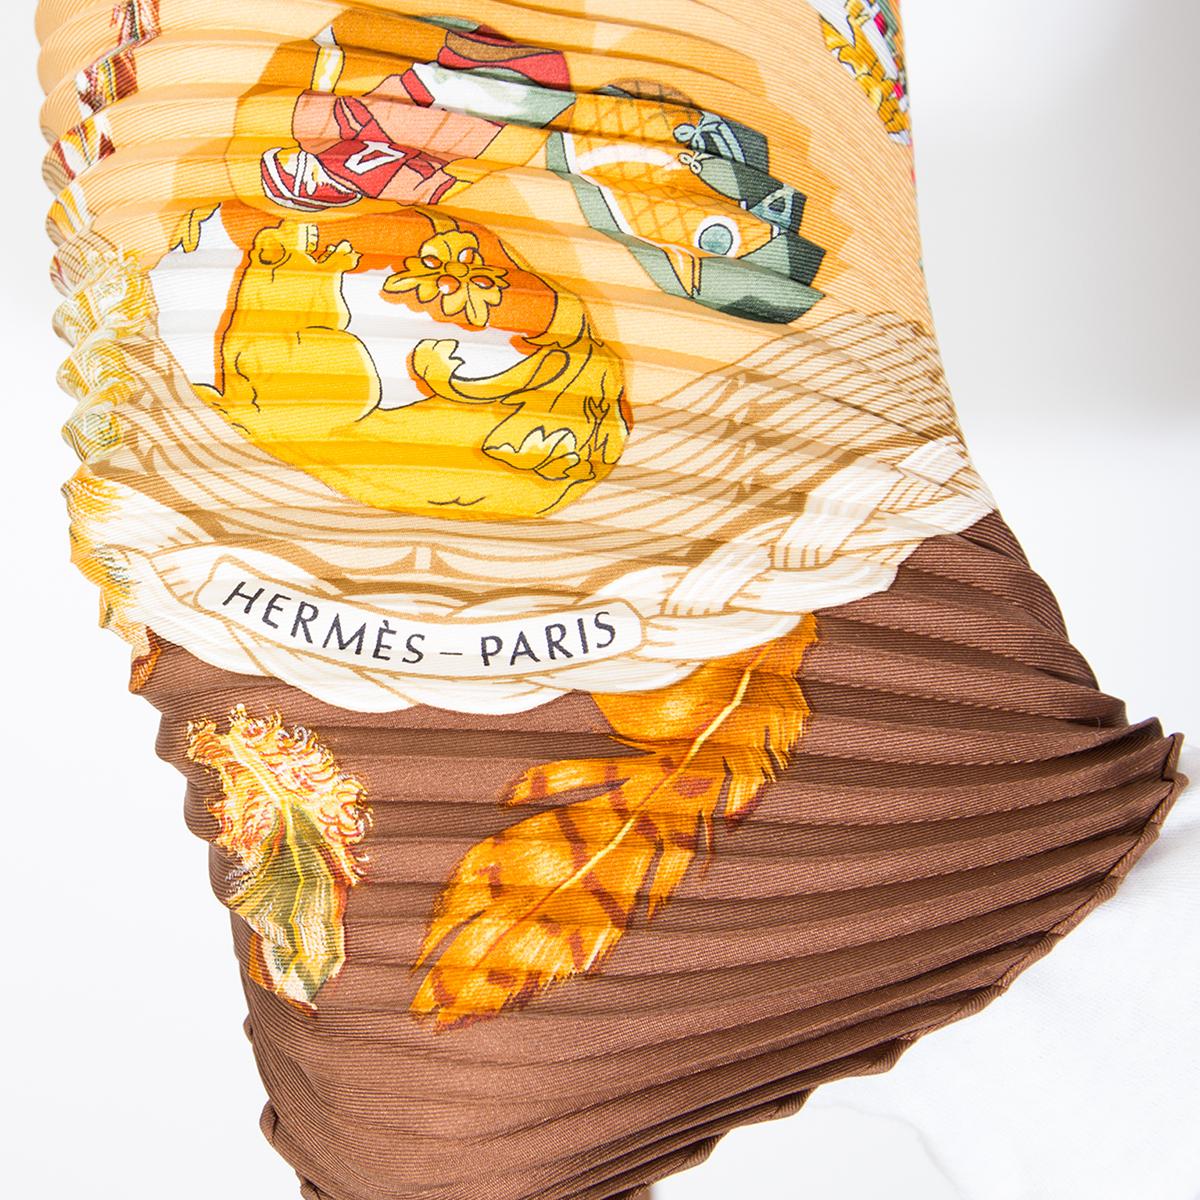 Hermes Plissé Latham Scarf LabelLOV authentieke tweedehands sjaals designer merken